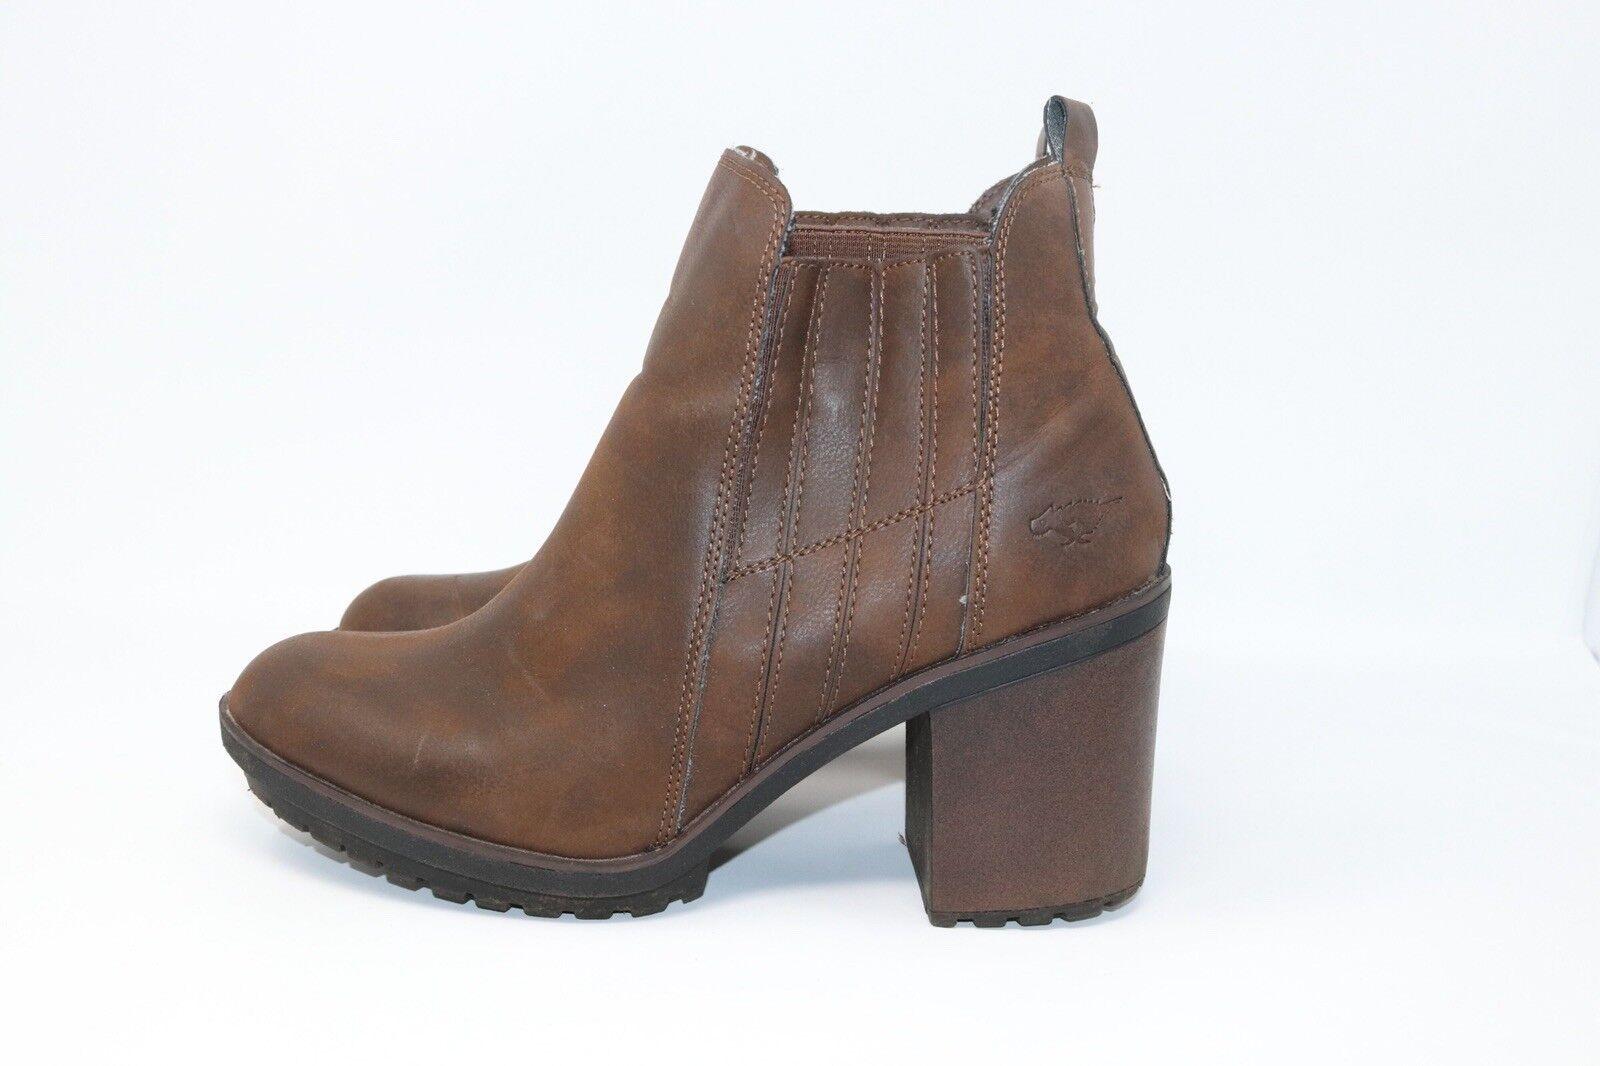 Femmes Rocket Dog Marron Bottes D'Hiver Chaussures très bon état taille 8 Blogger Fashion Chaud (019)